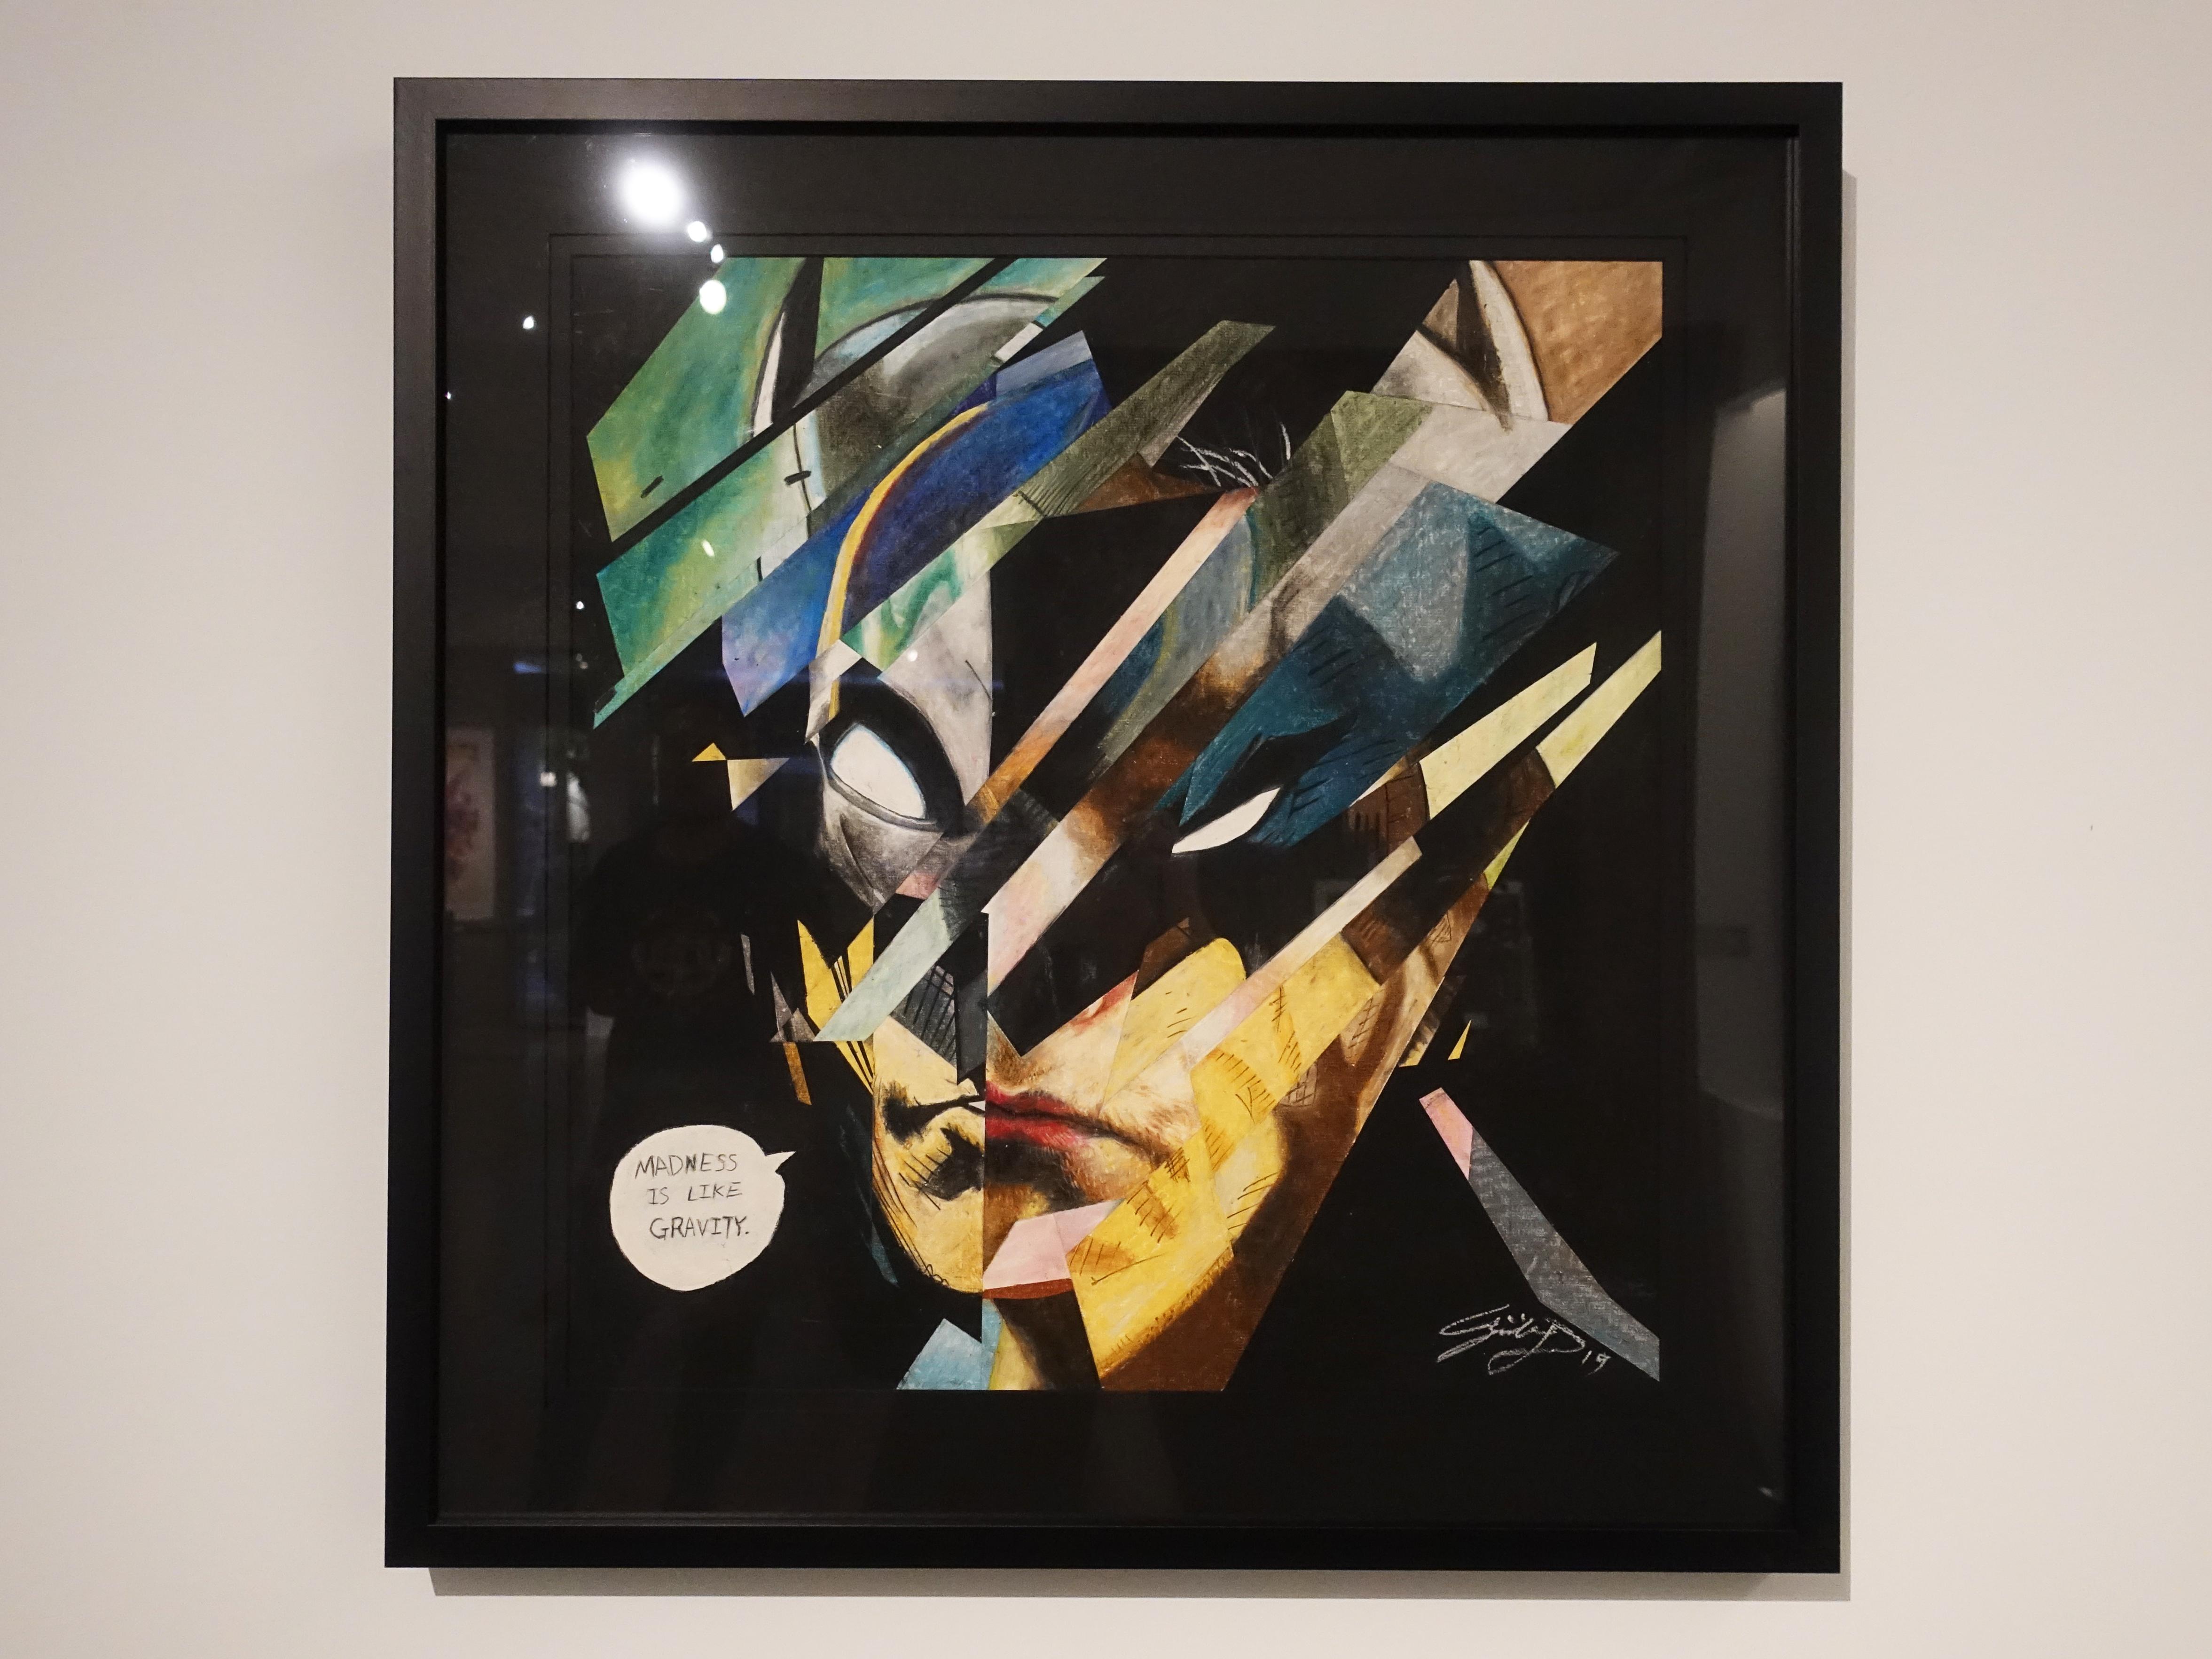 林俊良,《Madness is Like Gravity-Bat man》,110 x 61 cm,油畫棒繪於紙上。